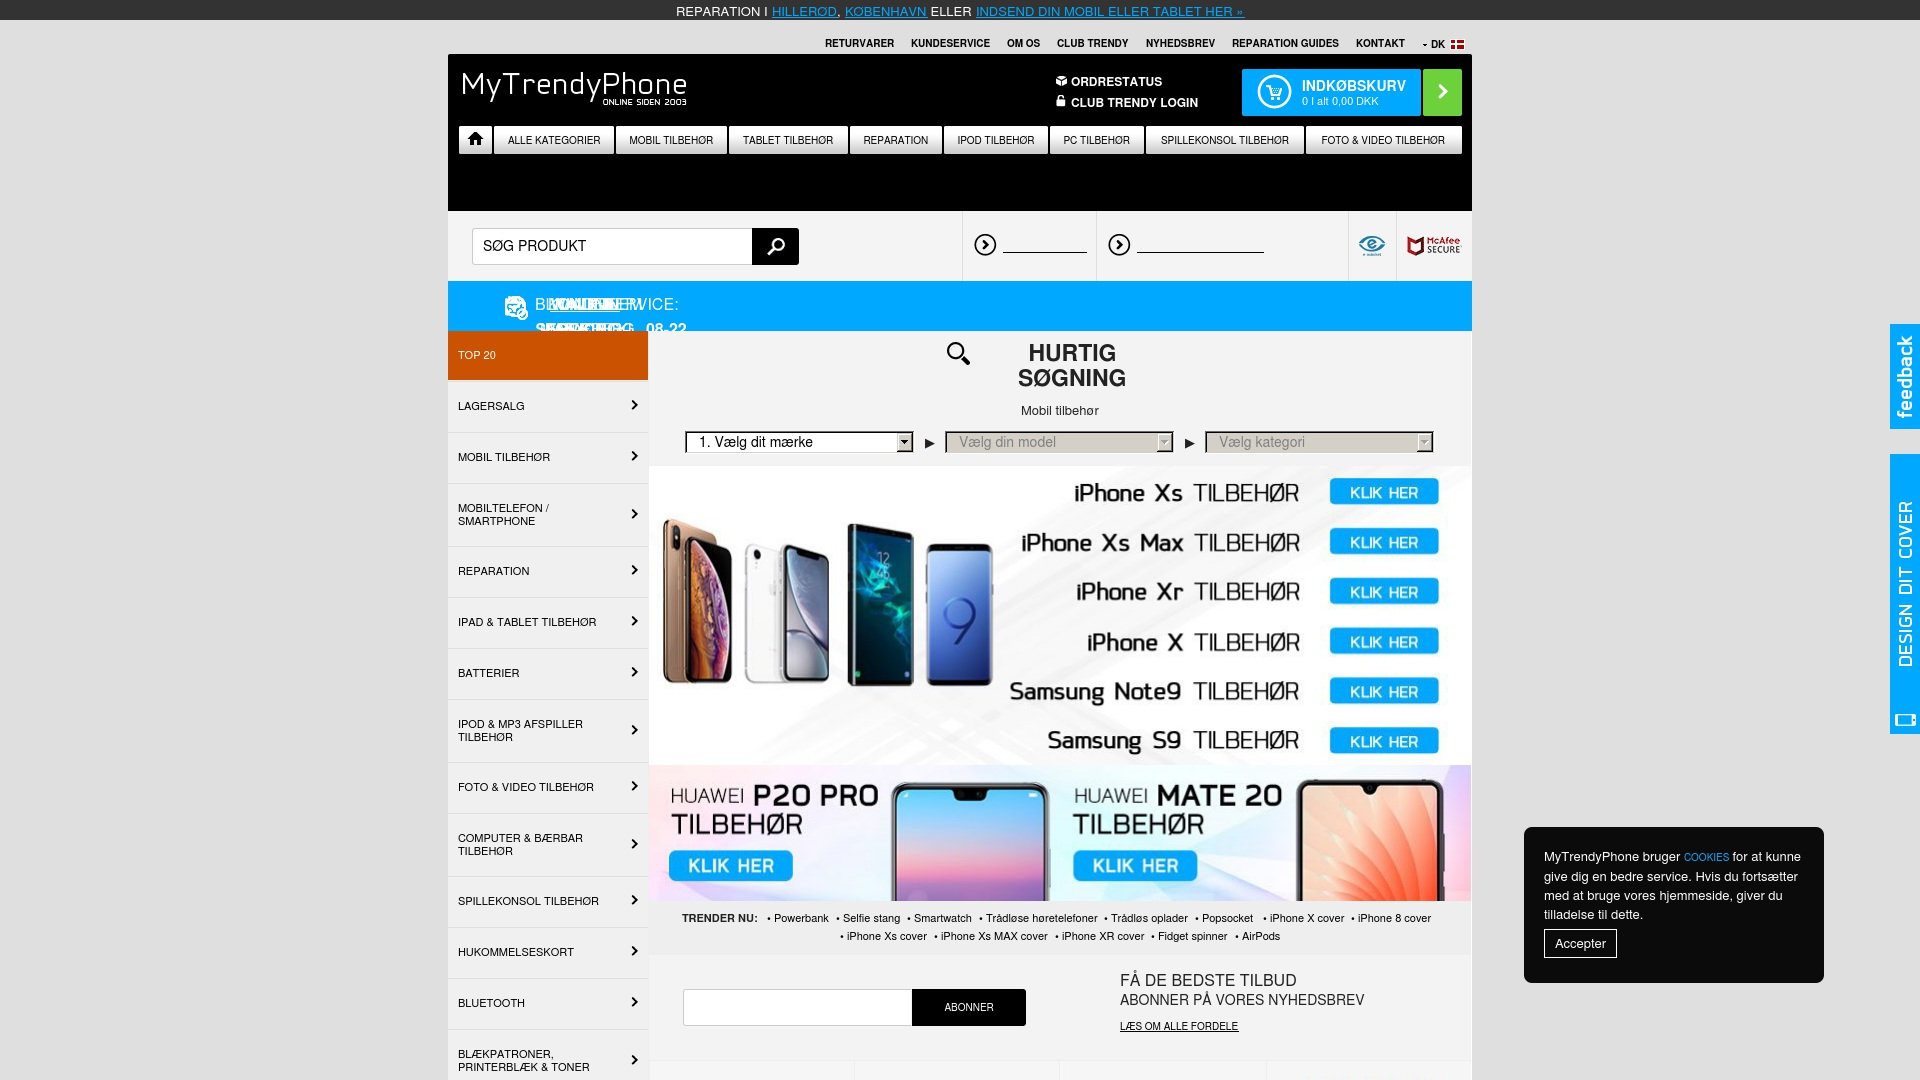 Gutschein für Mytrendyphone: Rabatte für  Mytrendyphone sichern